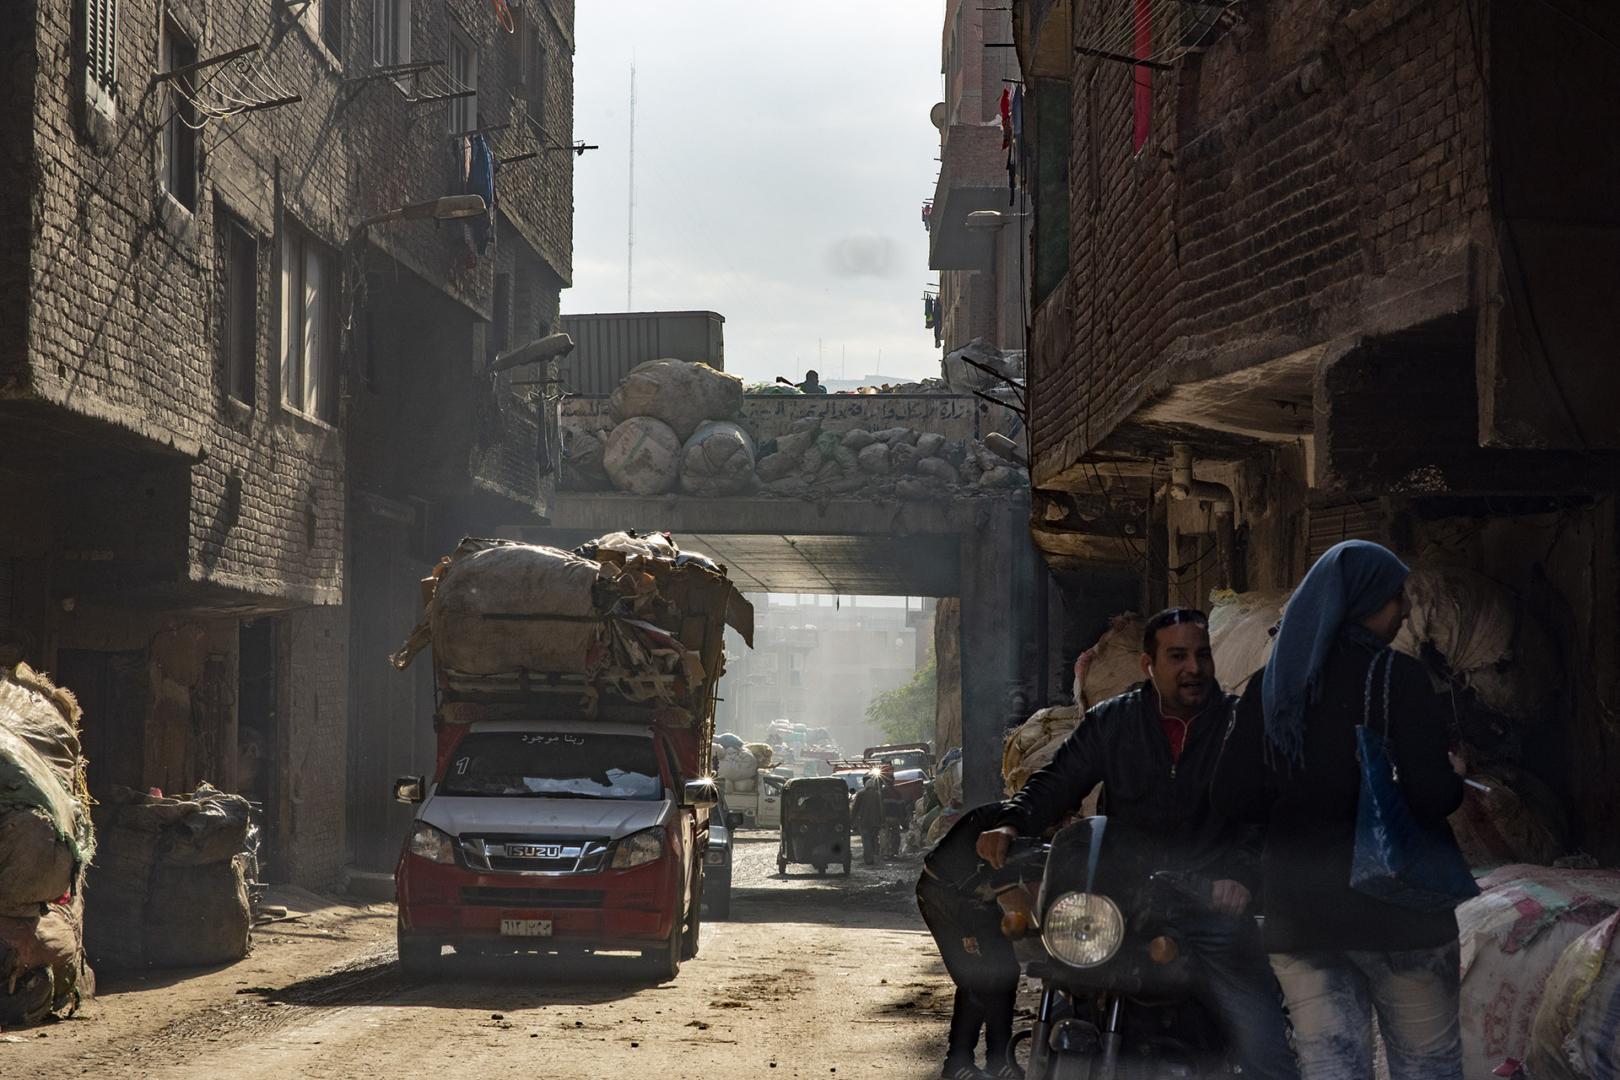 20190111 Cairo 562